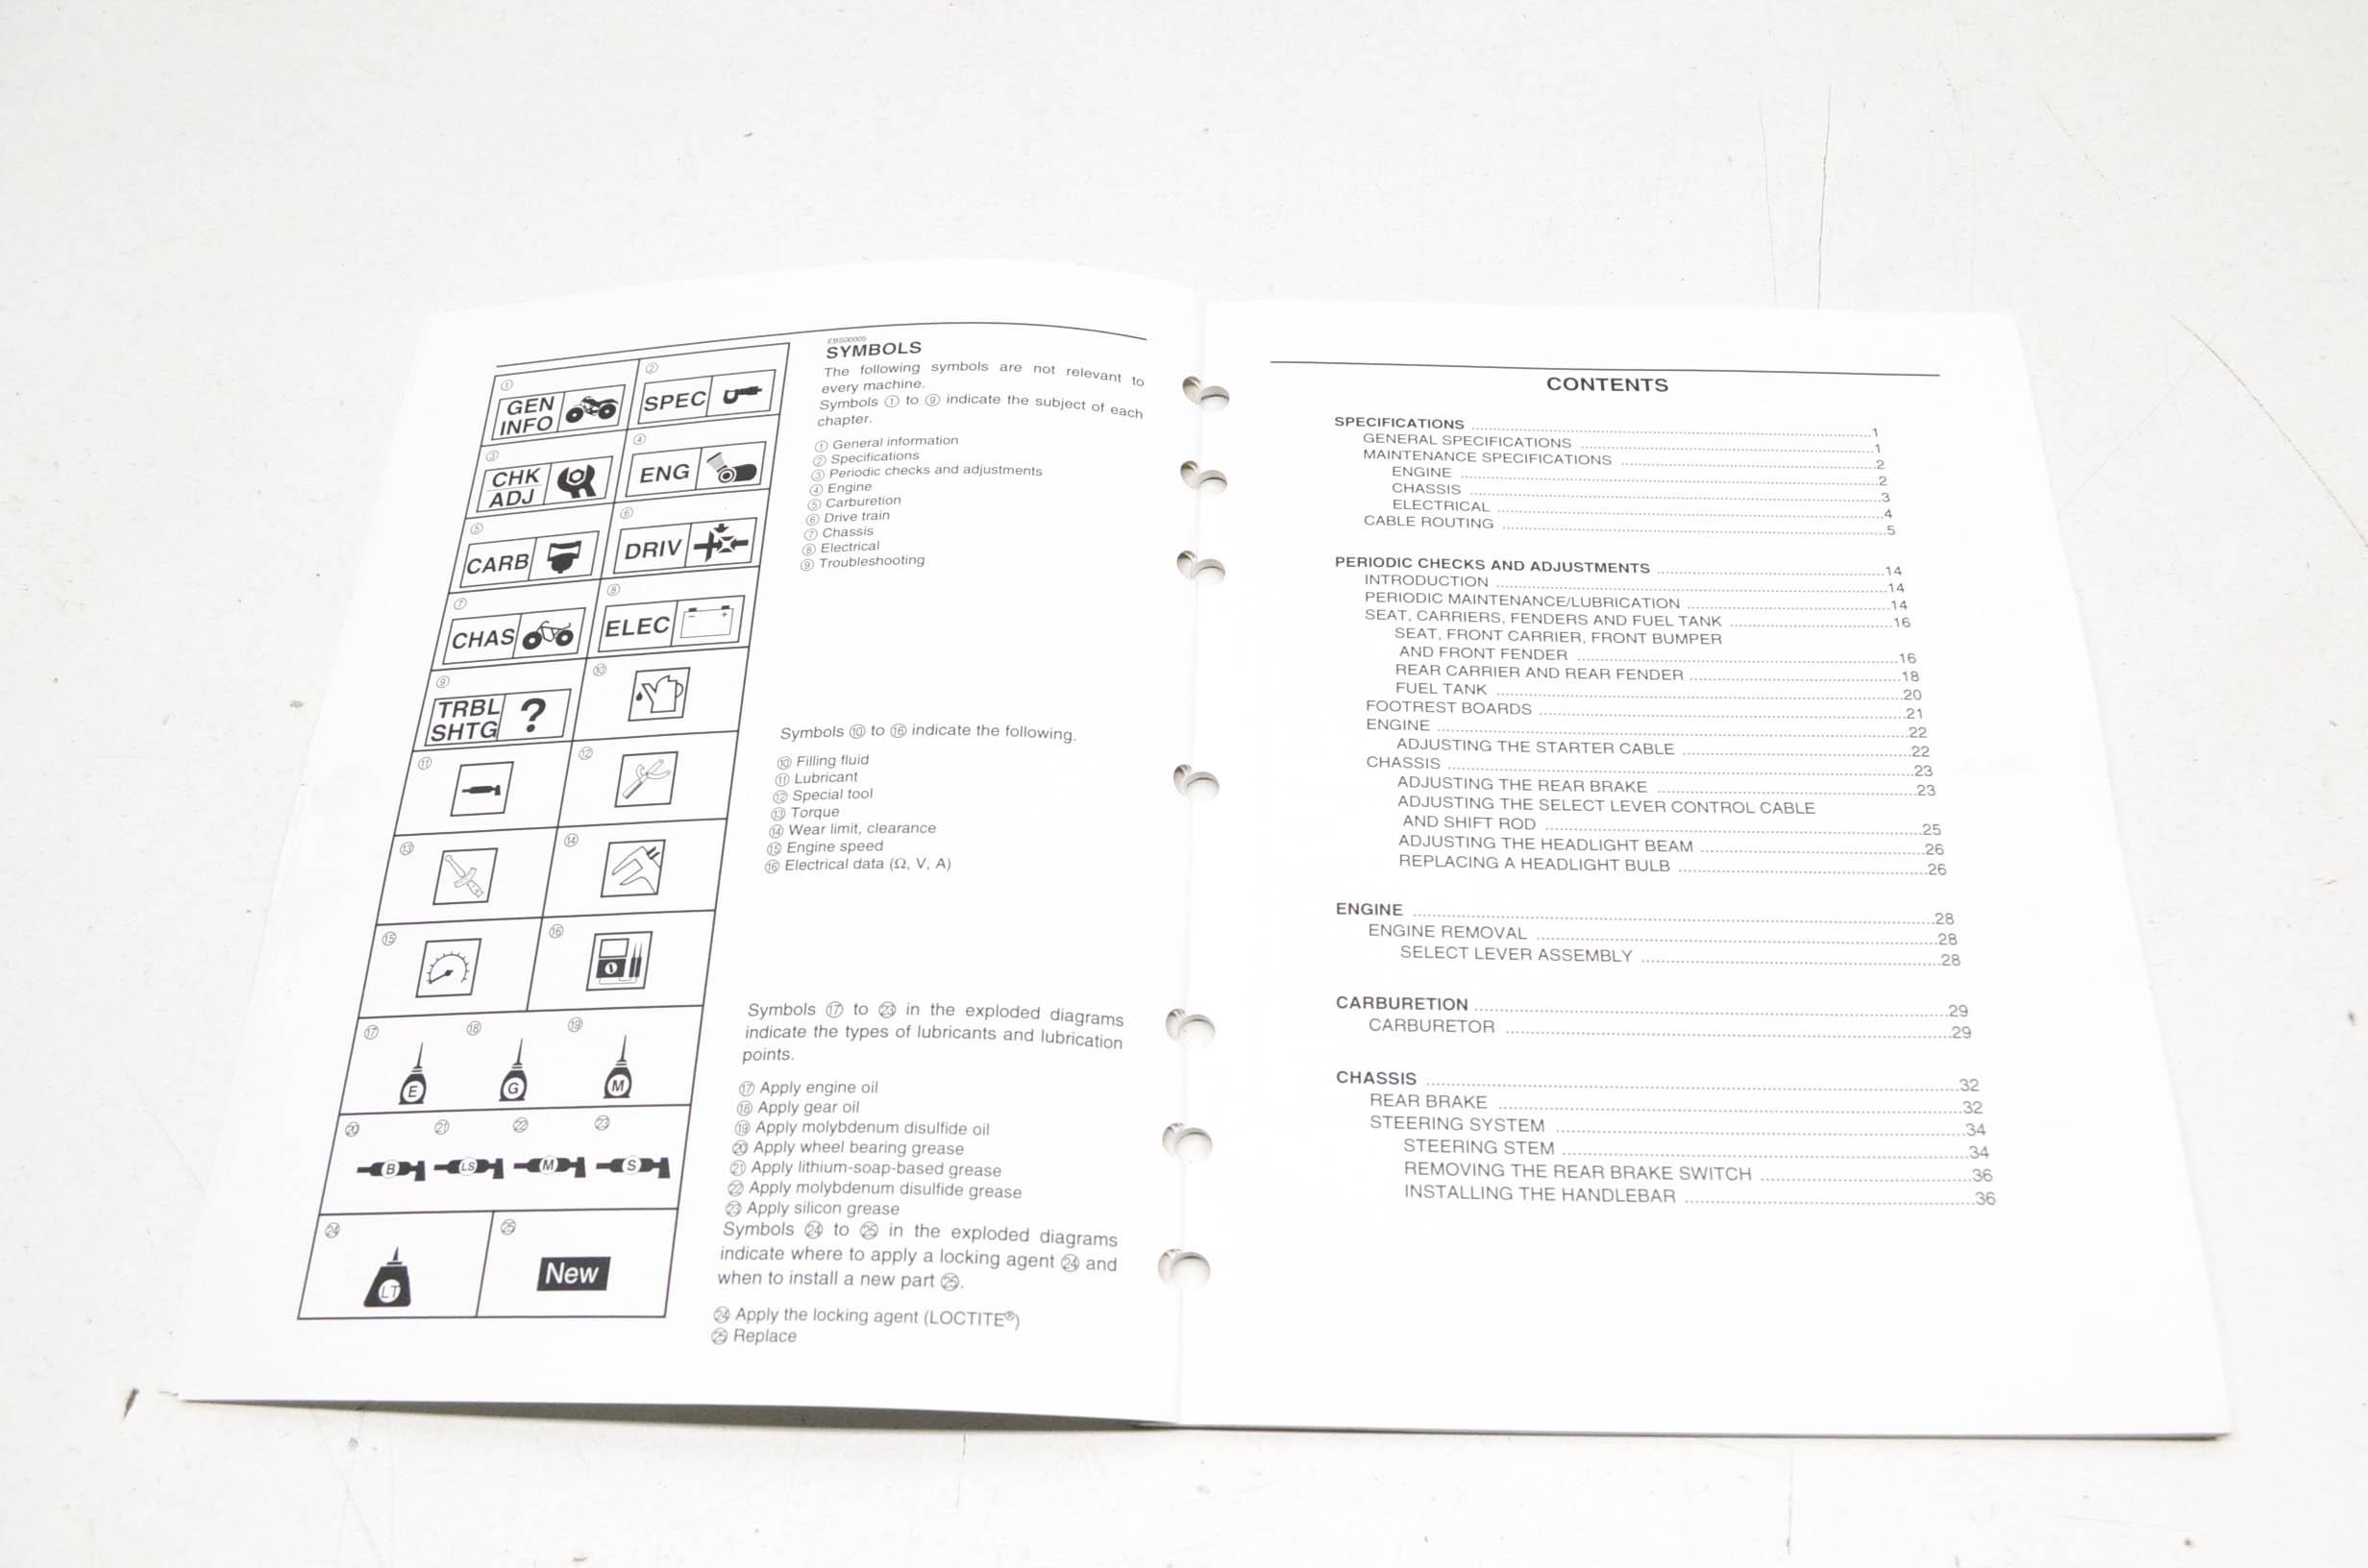 OEM Yamaha LIT-11616-18-41 YFM250BT Service Manual